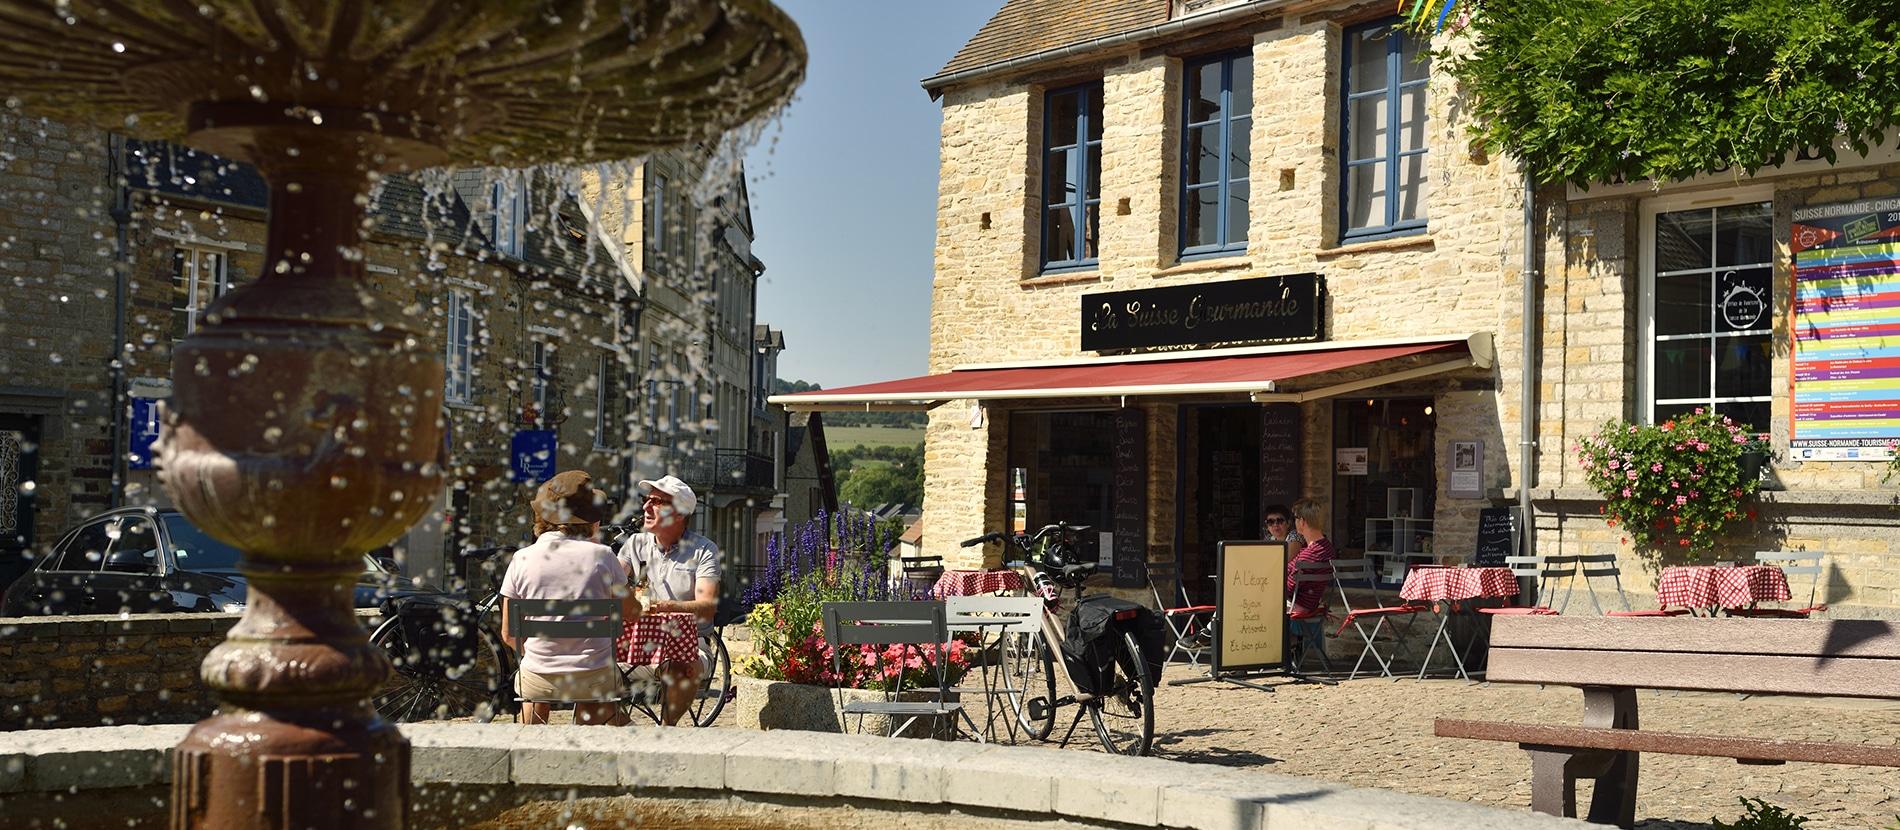 Le village de Clecy dans le Calvados en Normandie